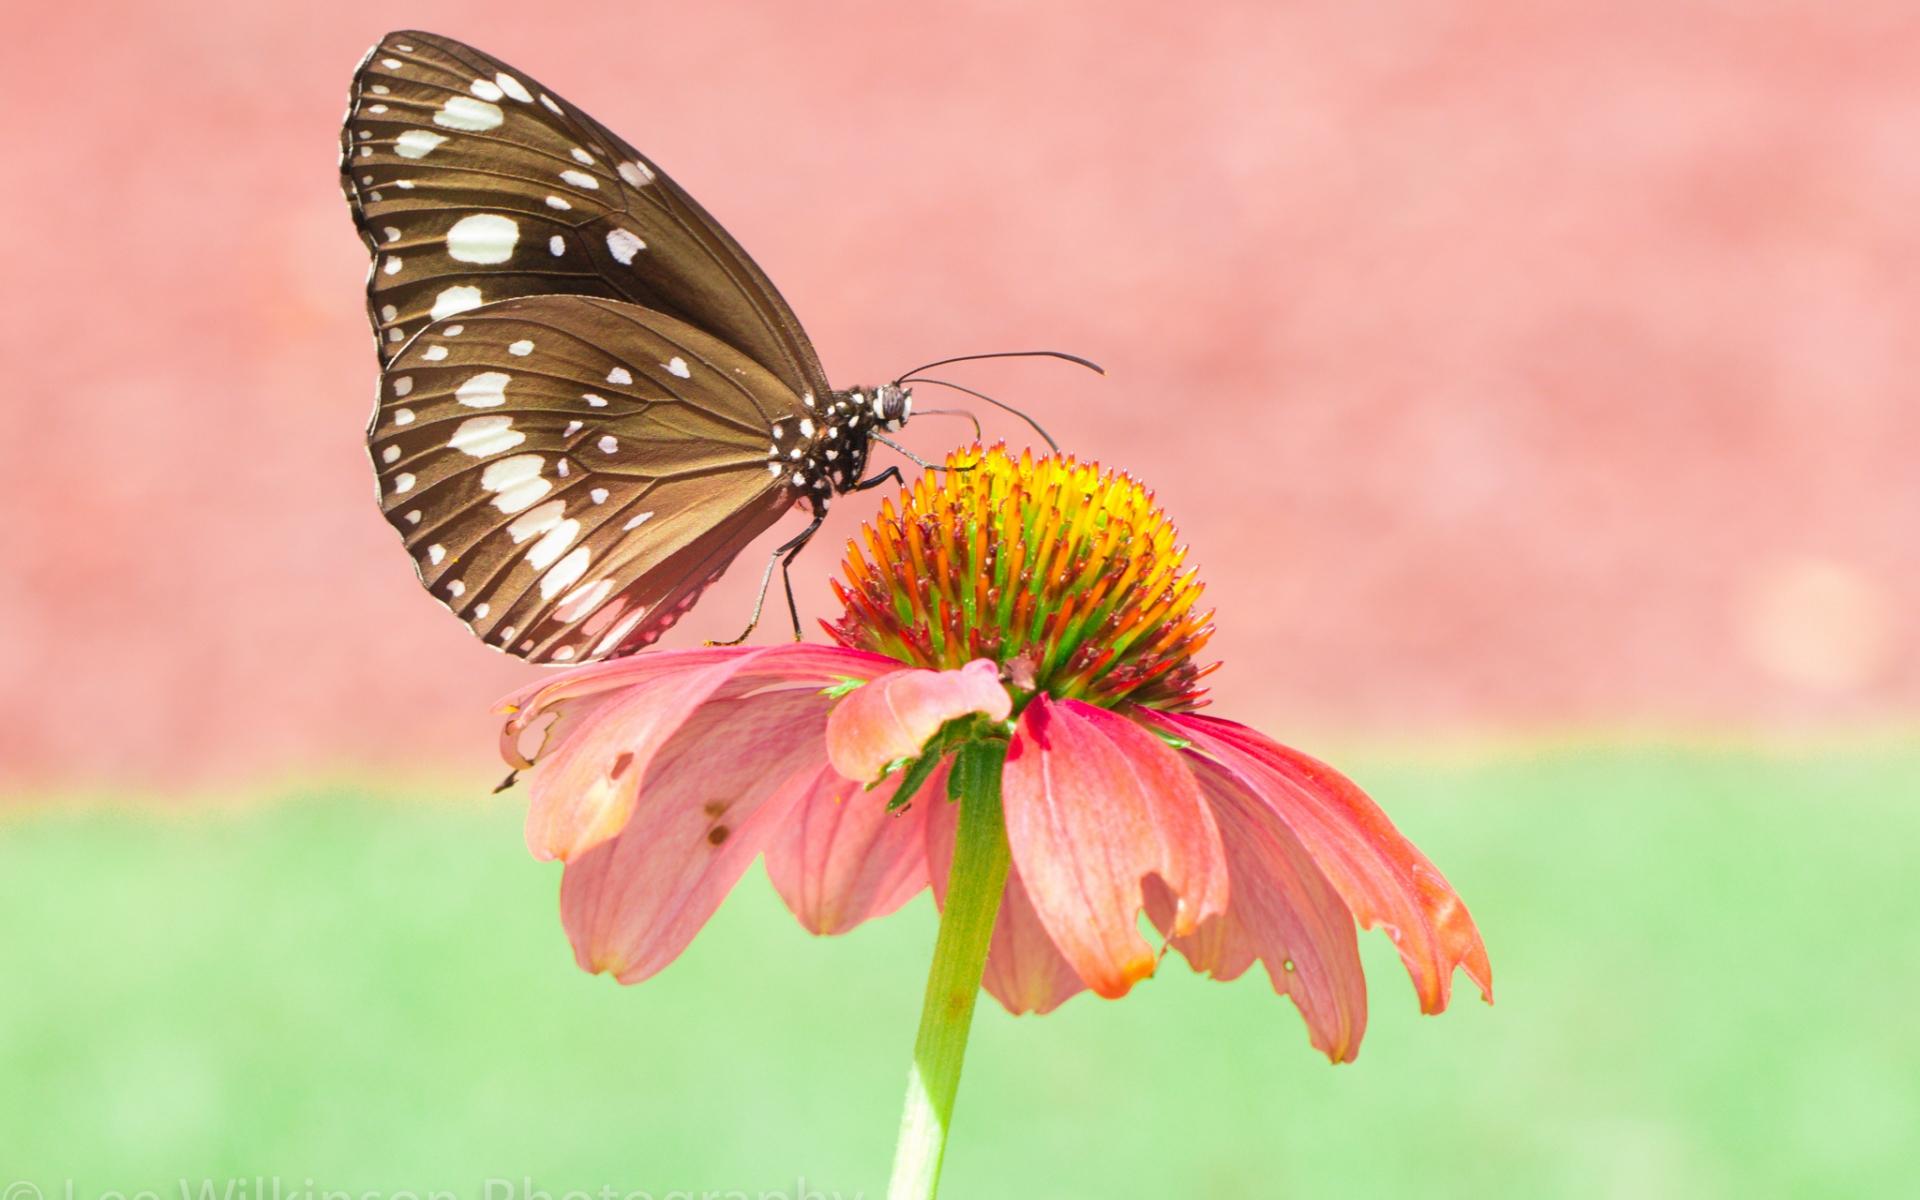 Mariposa en una flor rosada - 1920x1200